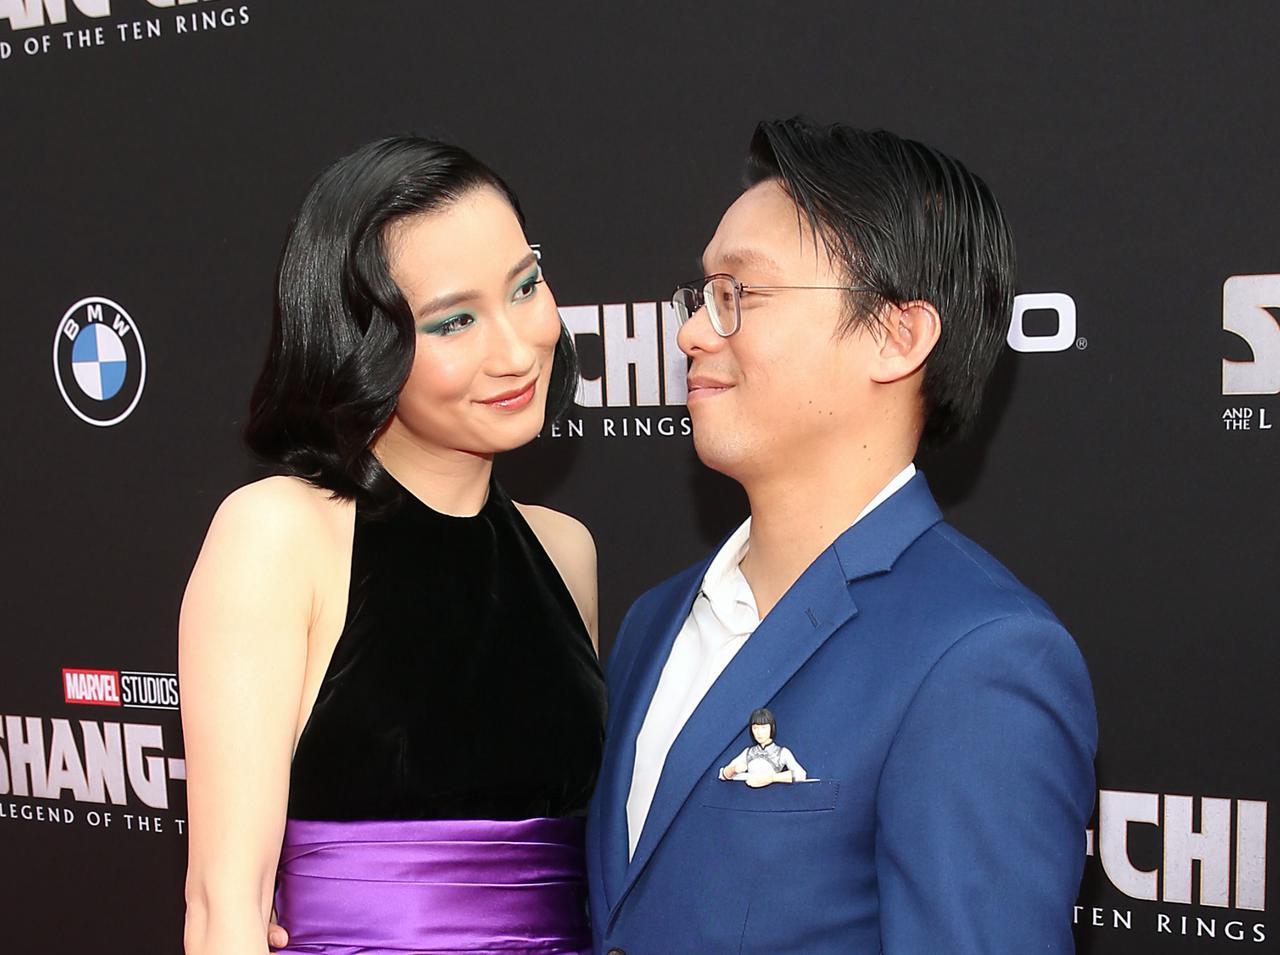 画像: 『シャン・チー』のアクションデザイナーと結婚!オークワフィナも祝福